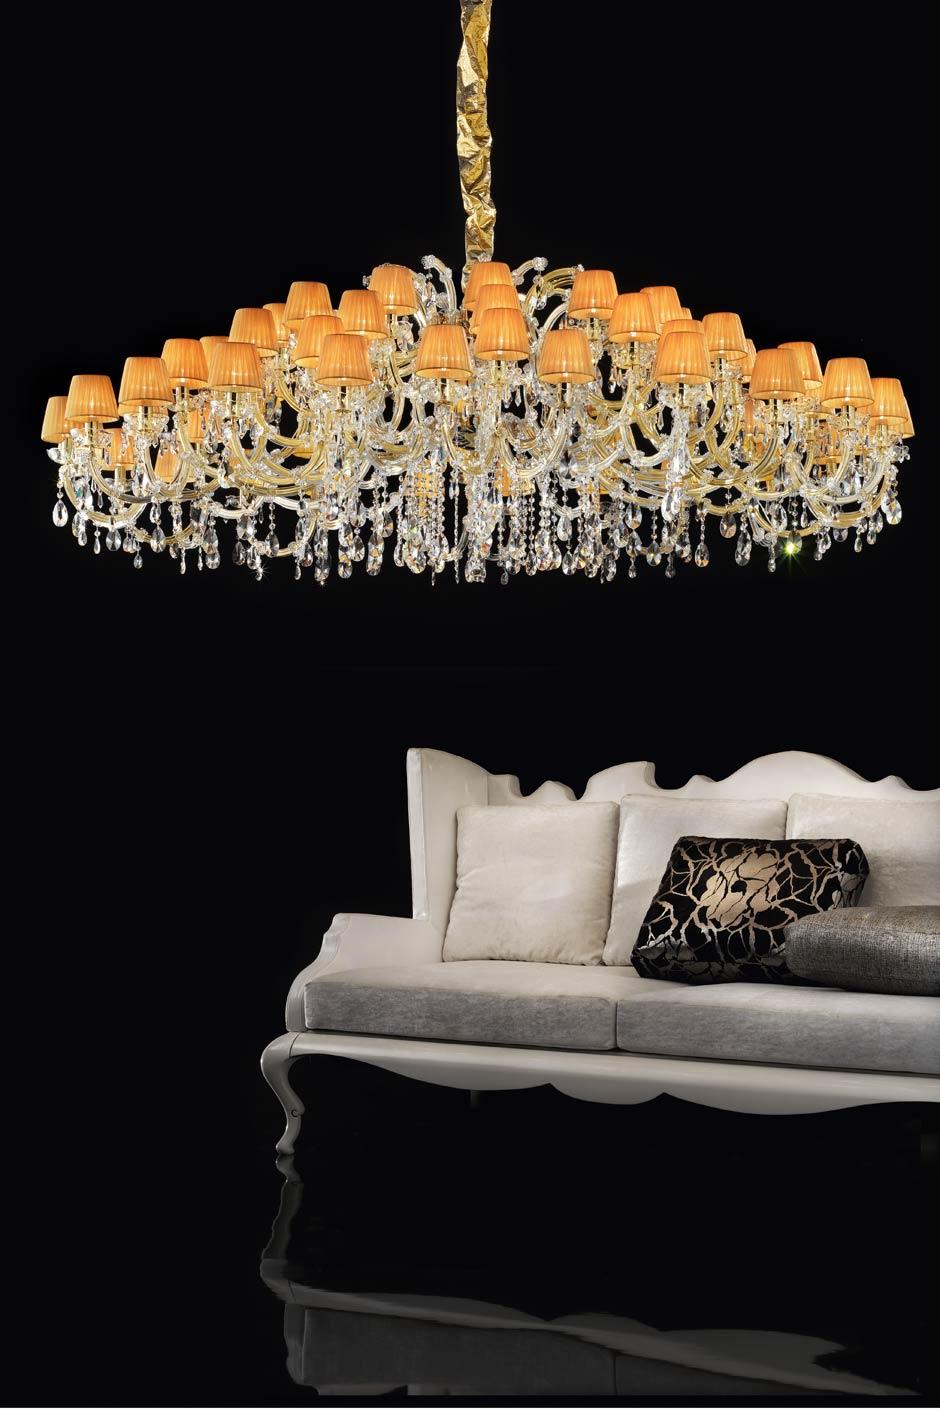 Lustre cristal luxe orange et doré en cristal . Masiero.